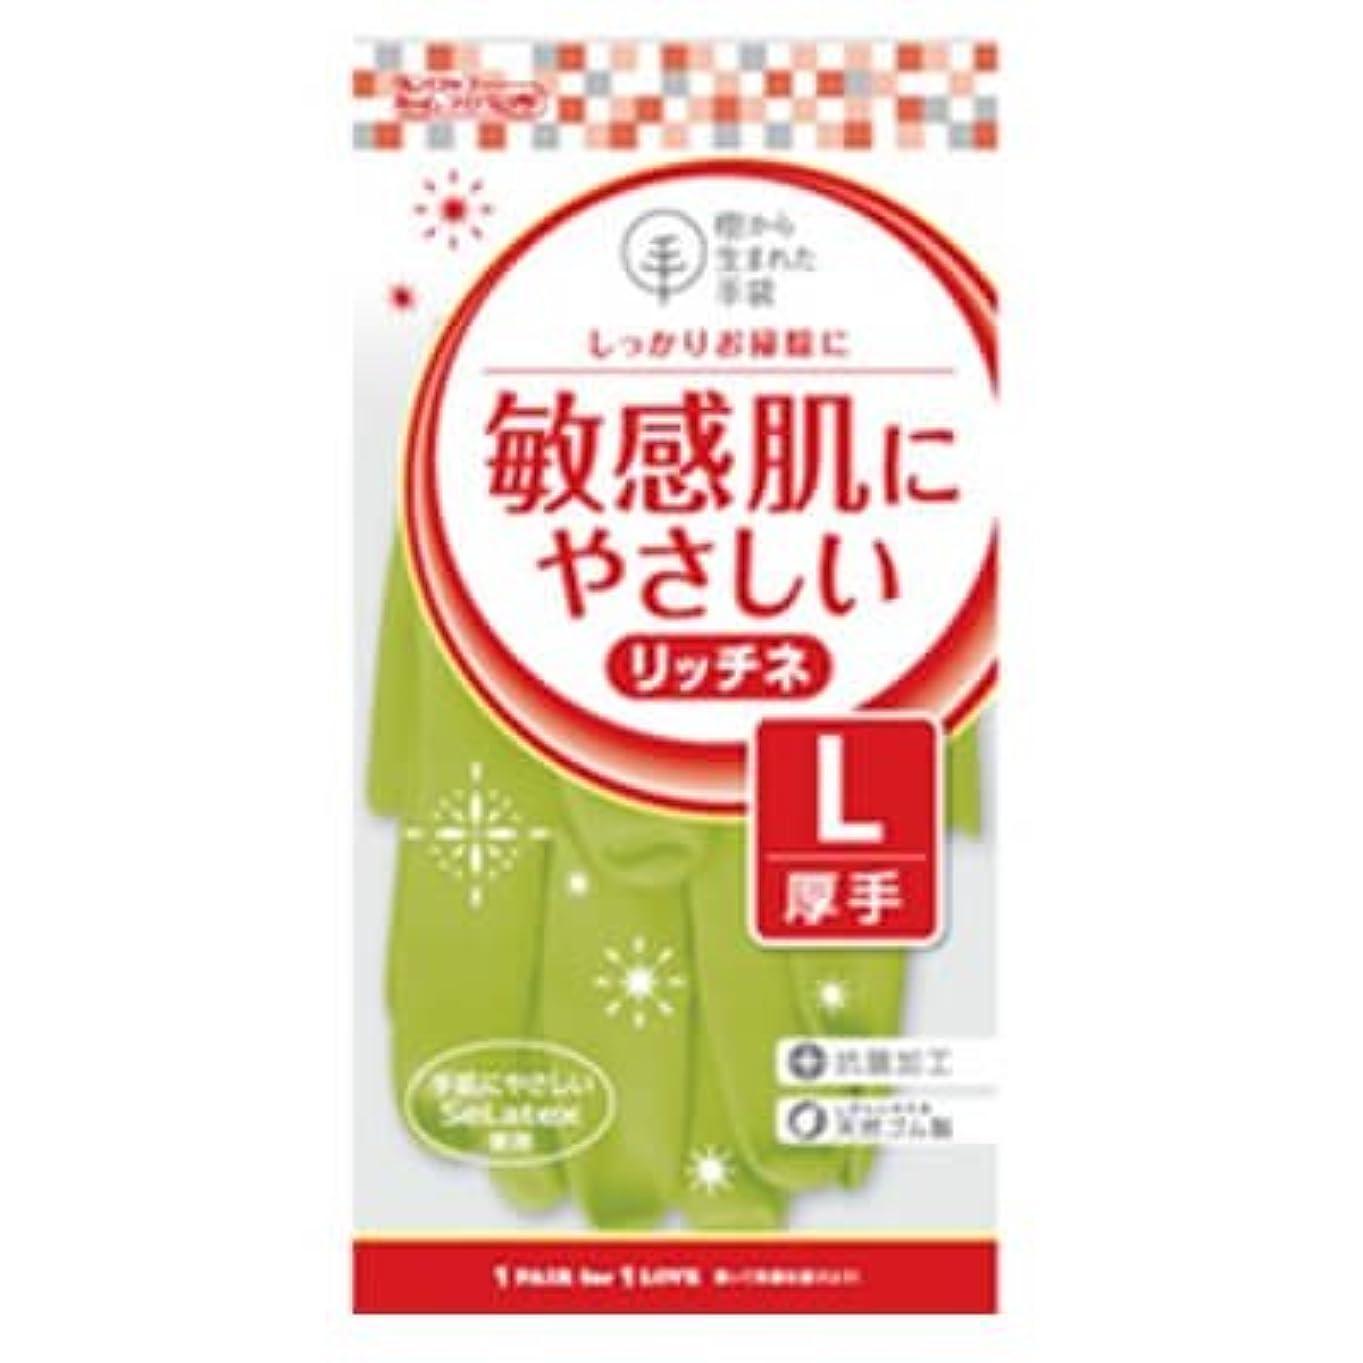 原因ポットバッテリー【ケース販売】 ダンロップ 敏感肌にやさしい リッチネ 厚手 L グリーン (10双×12袋)